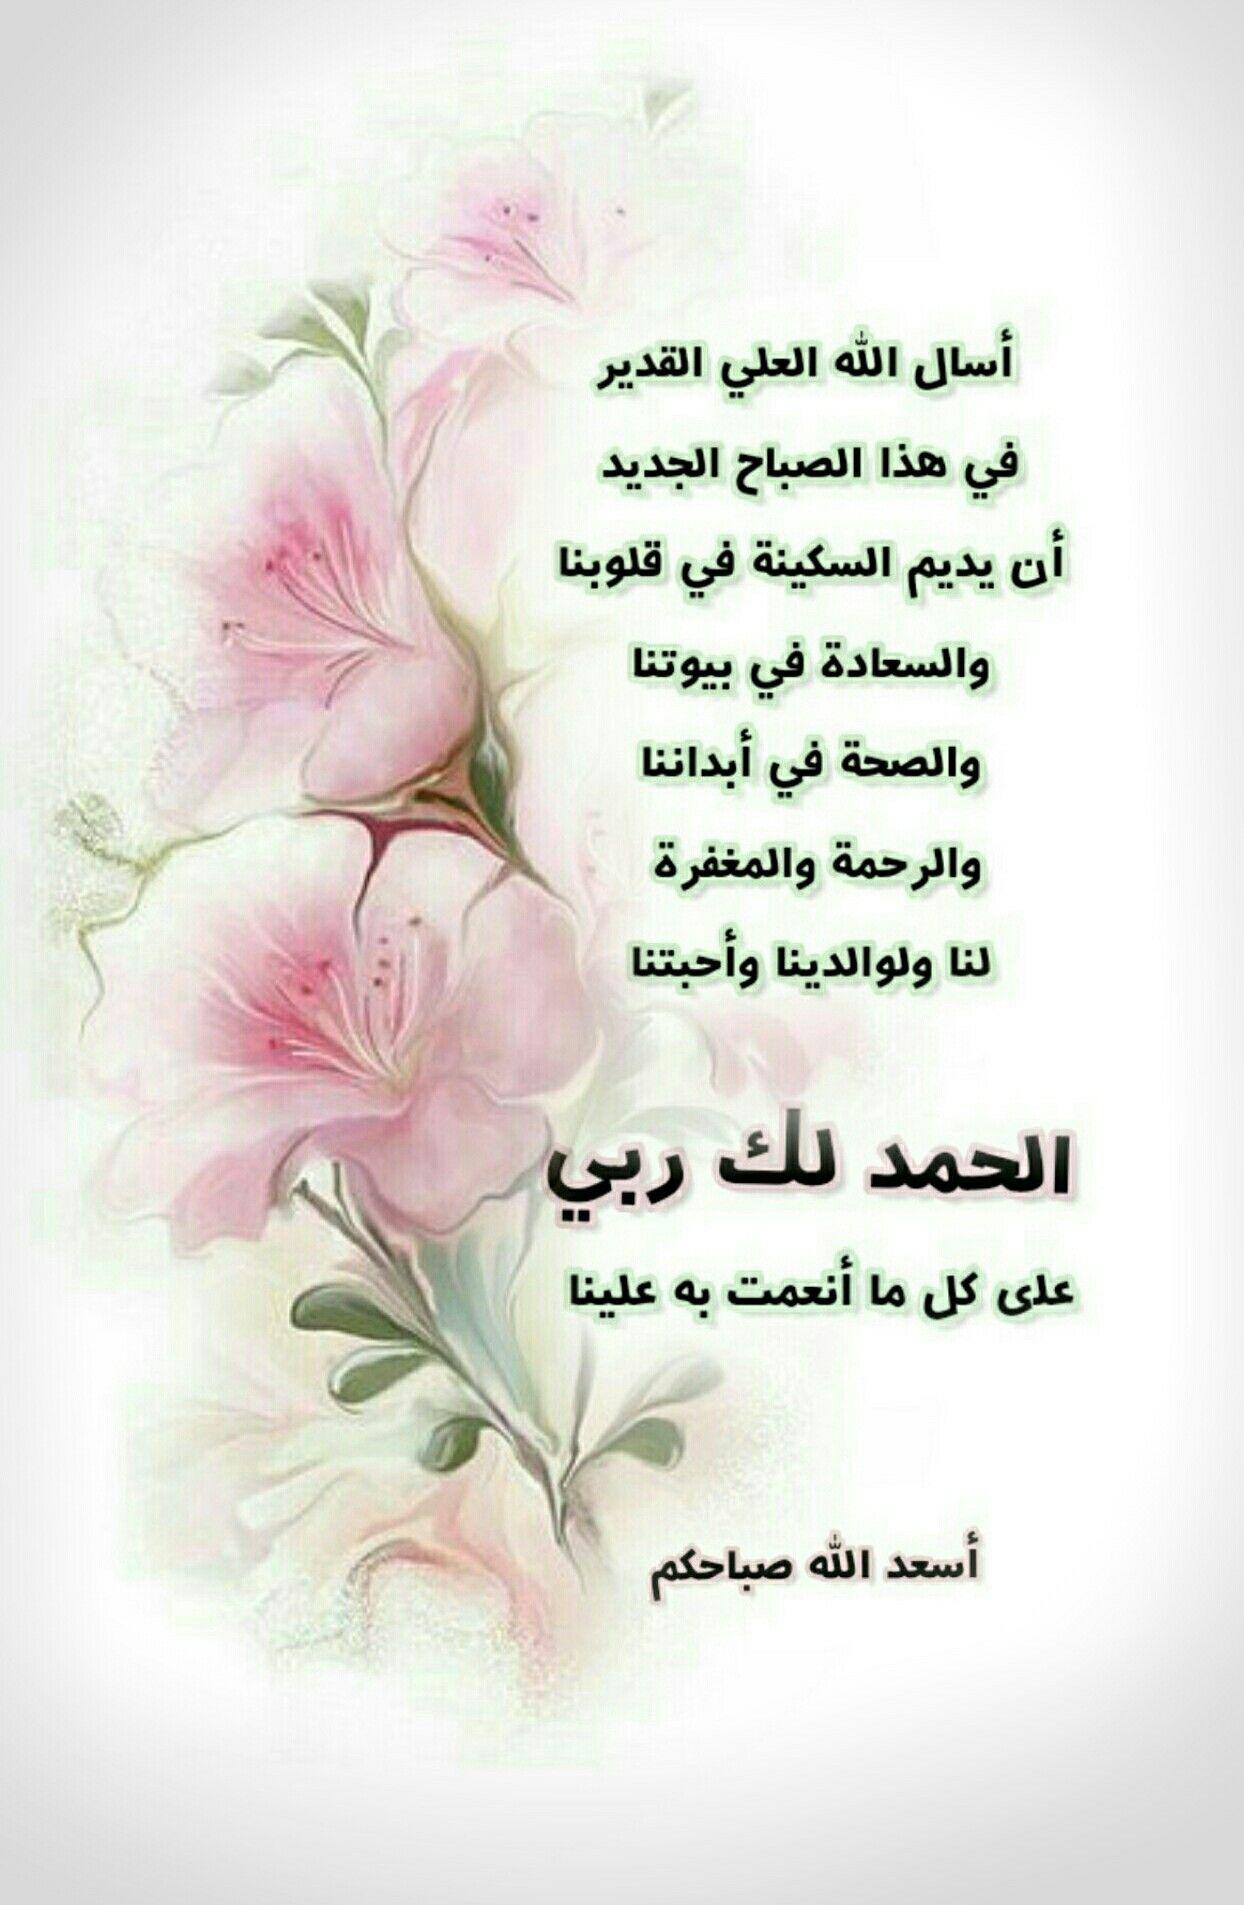 أسال الله العلي القدير في هذا الصباح الجديد أن يديم السكينة في قلوبنا والسعادة في بيوتنا والصحة في أبدانن Good Morning Arabic Good Morning Gif Morning Greeting